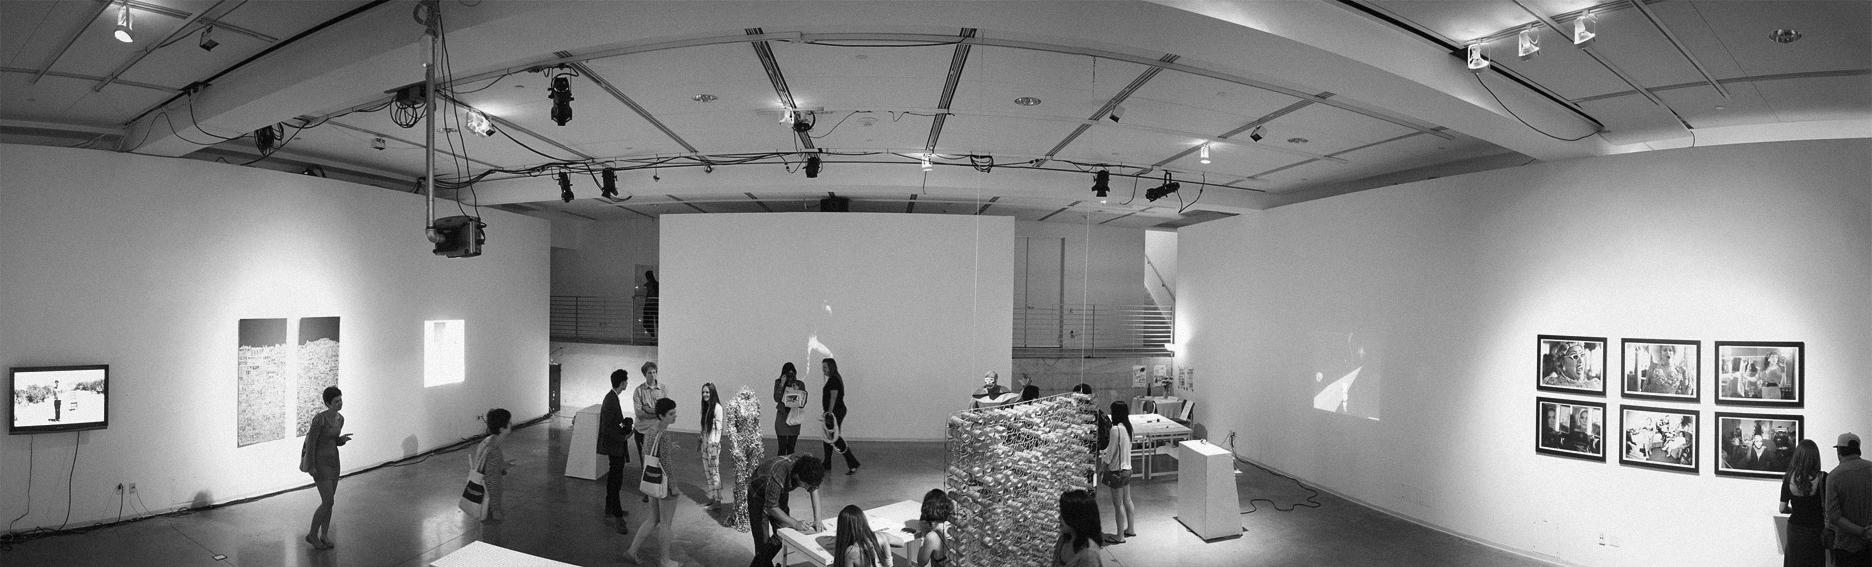 exhibition-floor.jpg